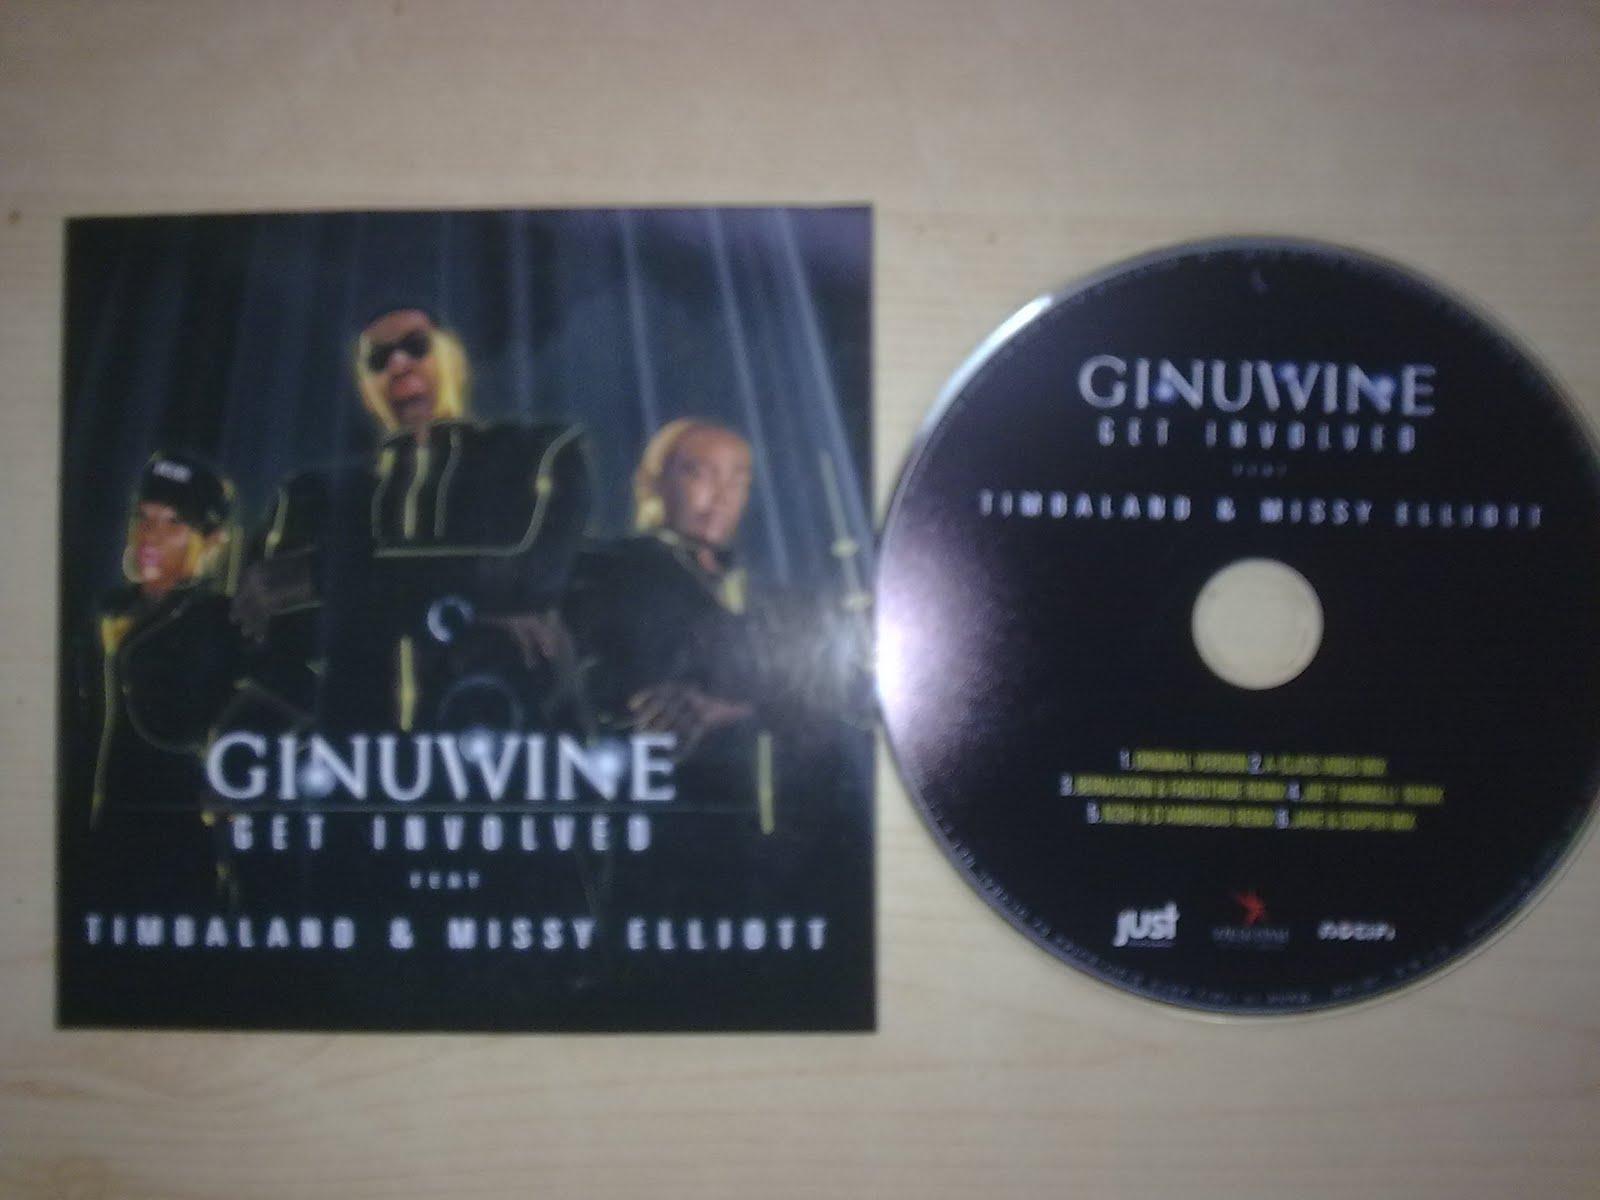 http://4.bp.blogspot.com/_bI5-8YnkkFA/TAZAxzIQ7xI/AAAAAAAADx0/4O8VkmxcMpA/s1600/00-ginuwine_feat._timbaland_and_missy_elliott-get_involved-(je148)-retail_cdm-2010-front.jpg